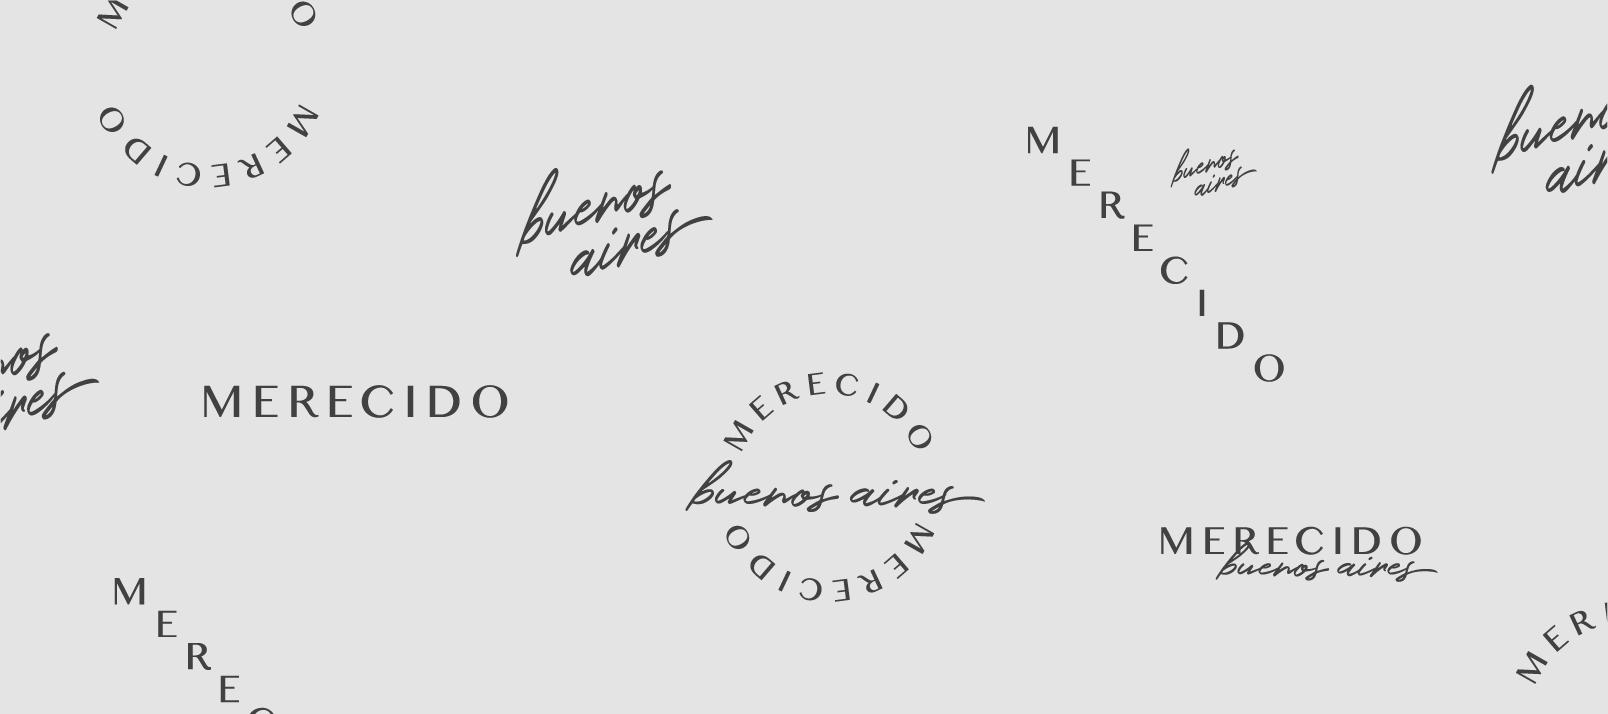 MERECIDO_web_72-05